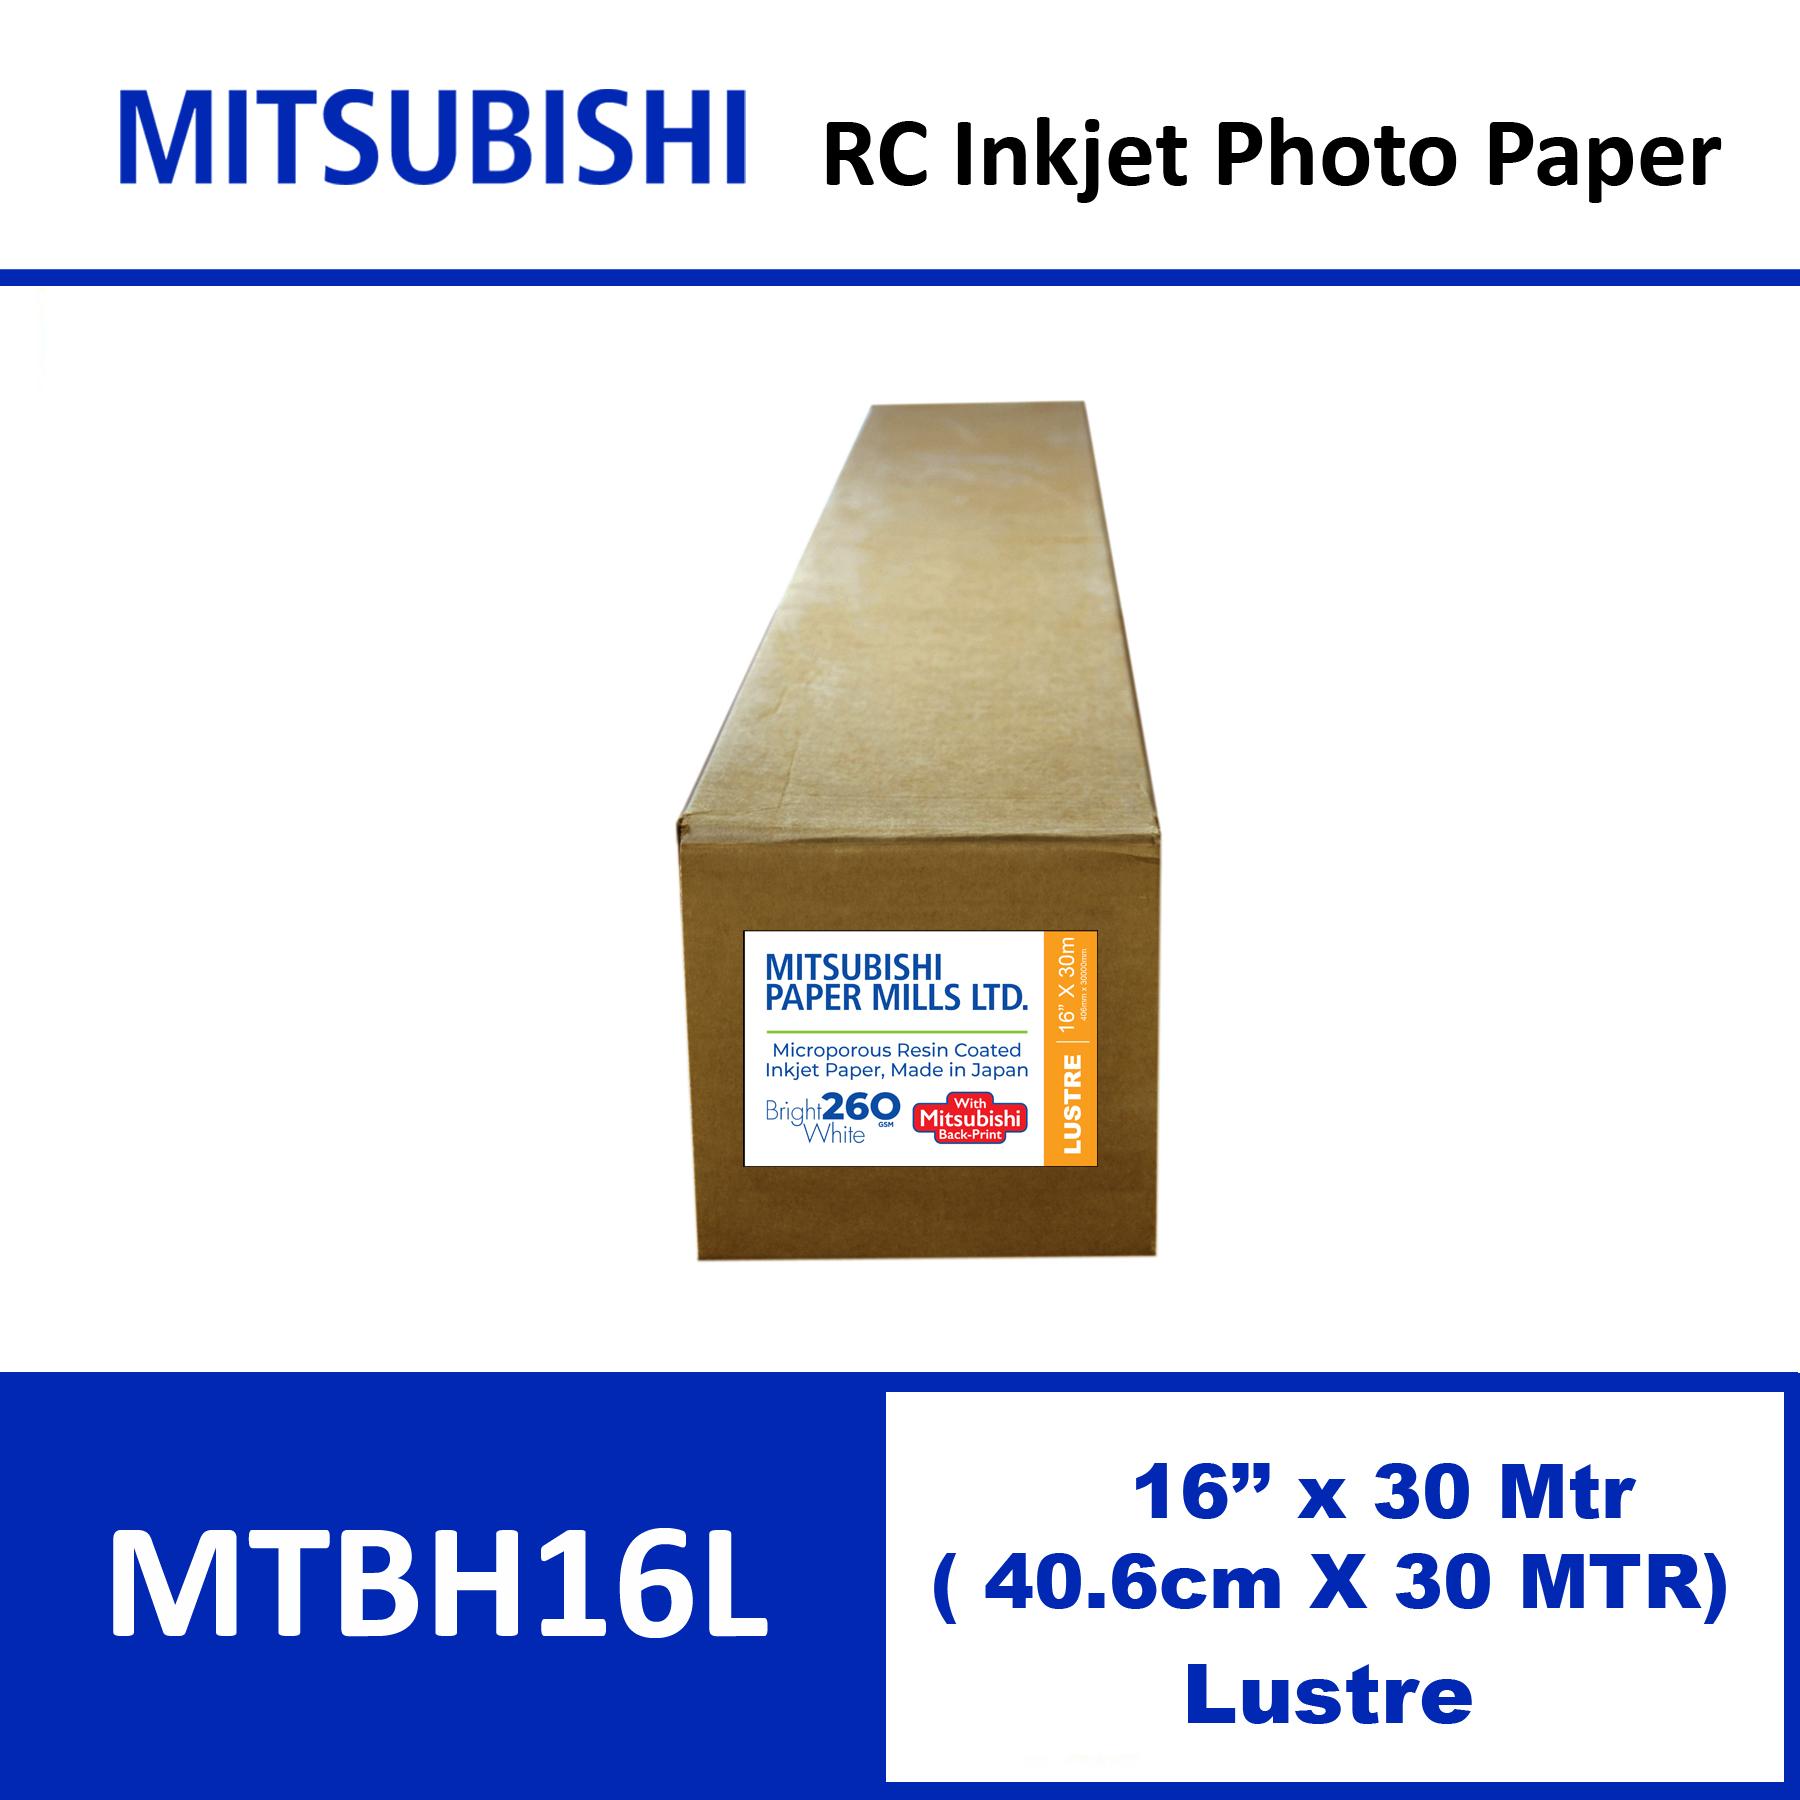 """Mitsubishi Inkjet RC Paper 16"""" x 30 Mtrs Lustre"""